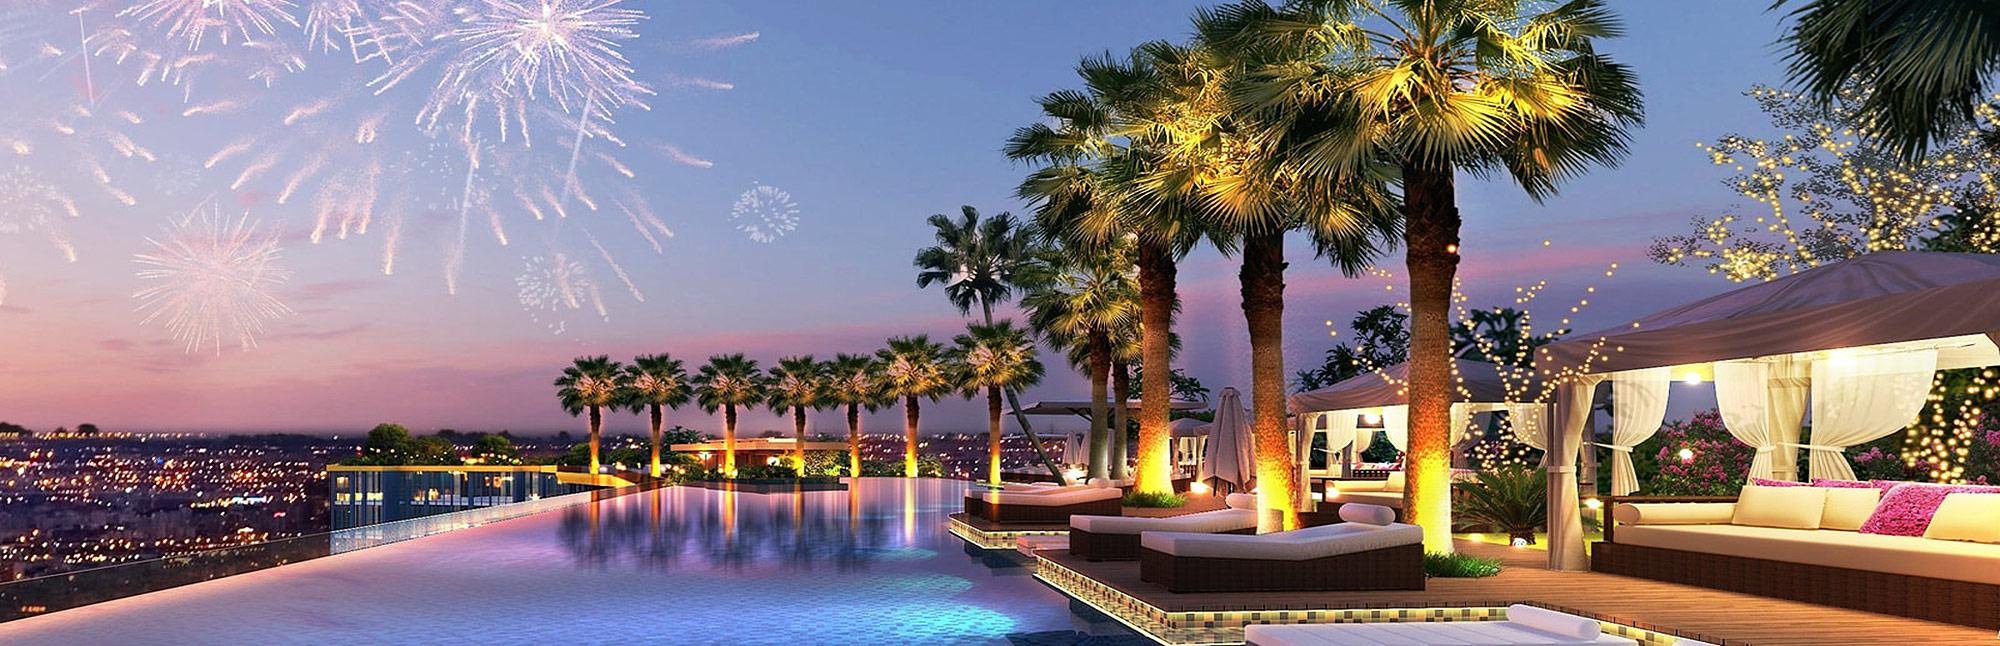 Thiết kế khách sạn đẹp HTK